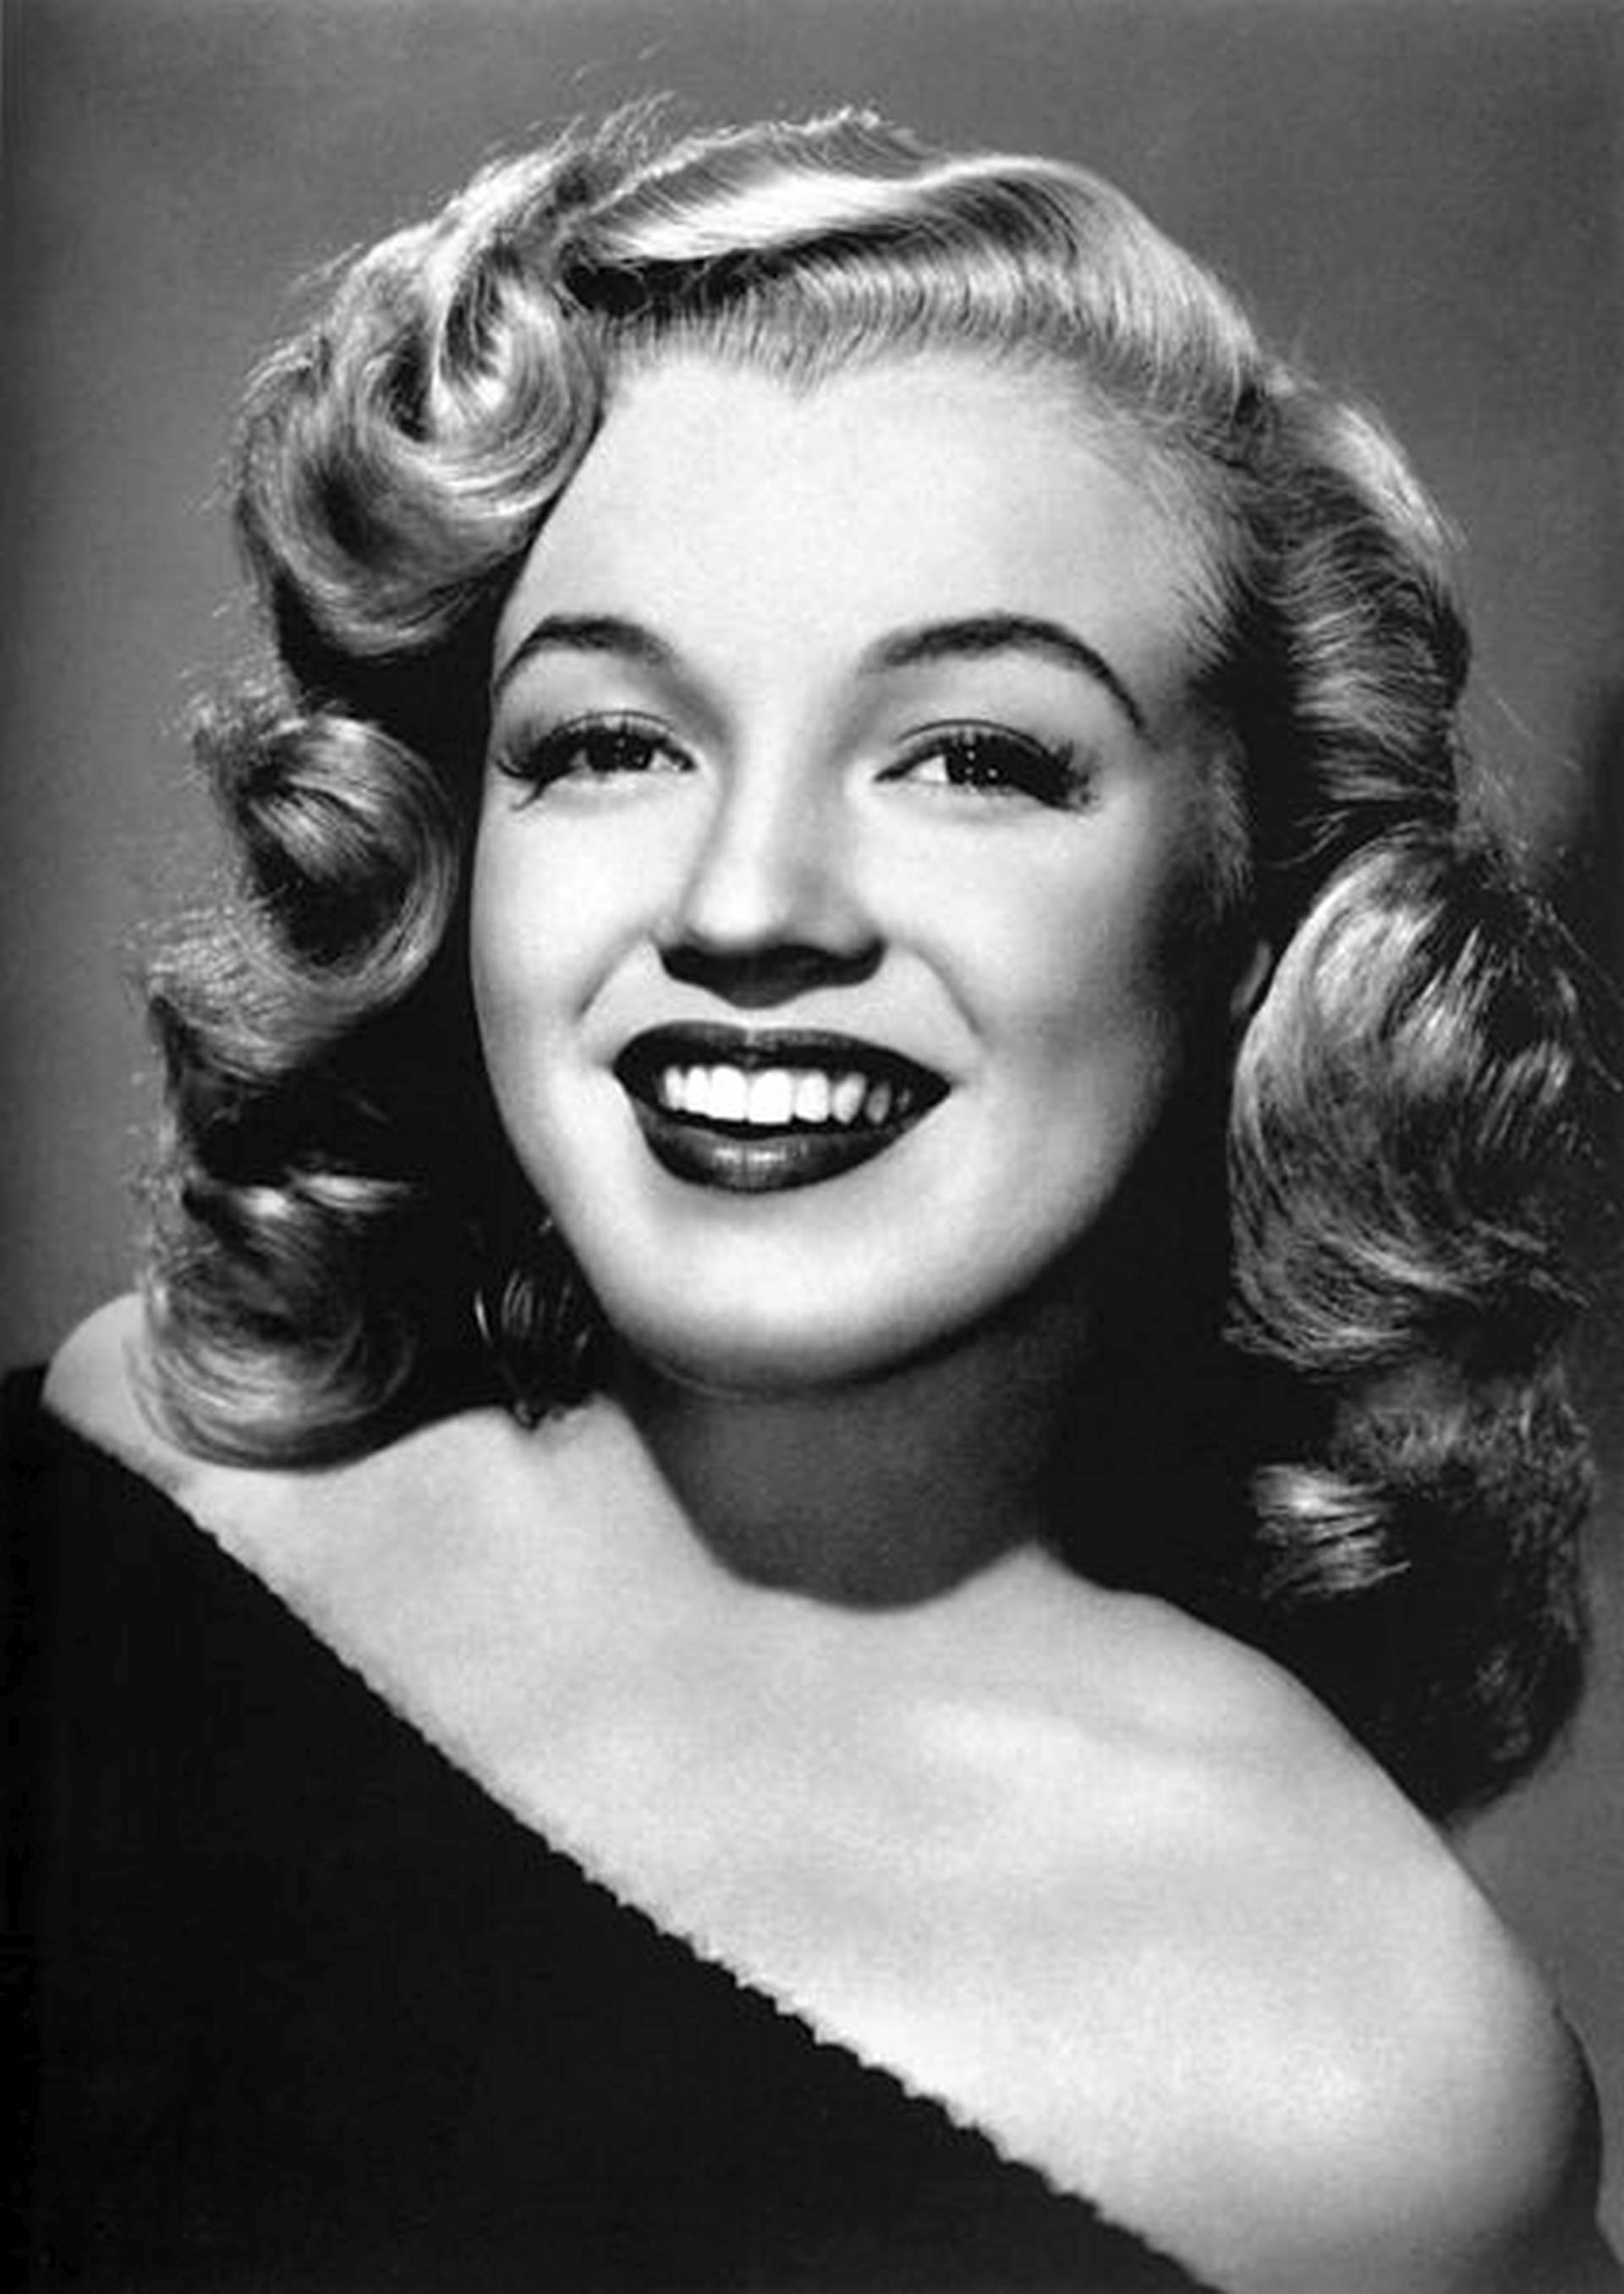 AUKCIJA HOLYWOODSKIH LEGENDI: Haljina  koju je nosila Marilyn Monroe ovoga tjedna na dražbi